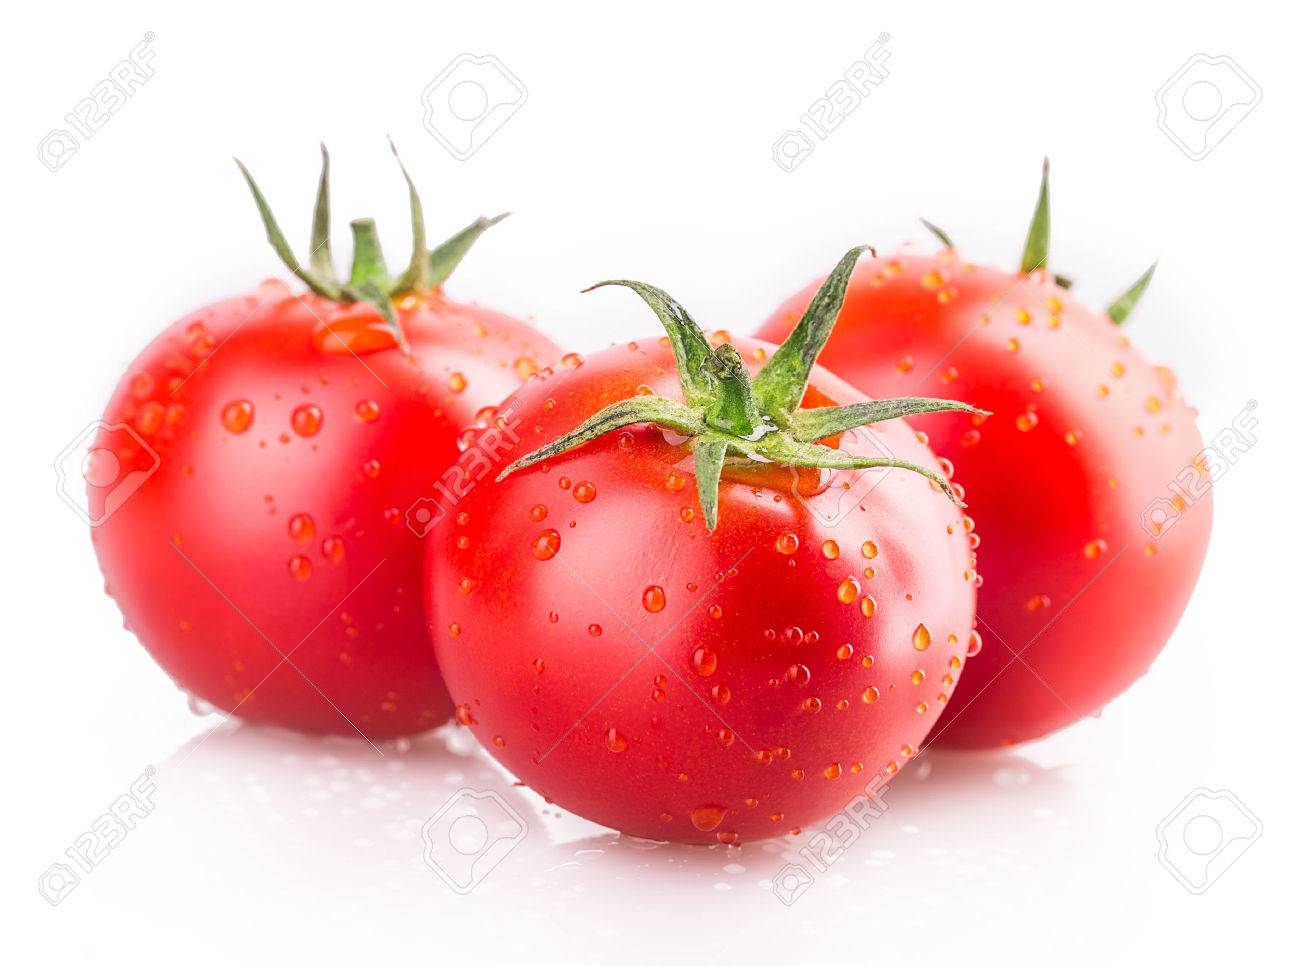 tomato Isolated on white background - 36795265